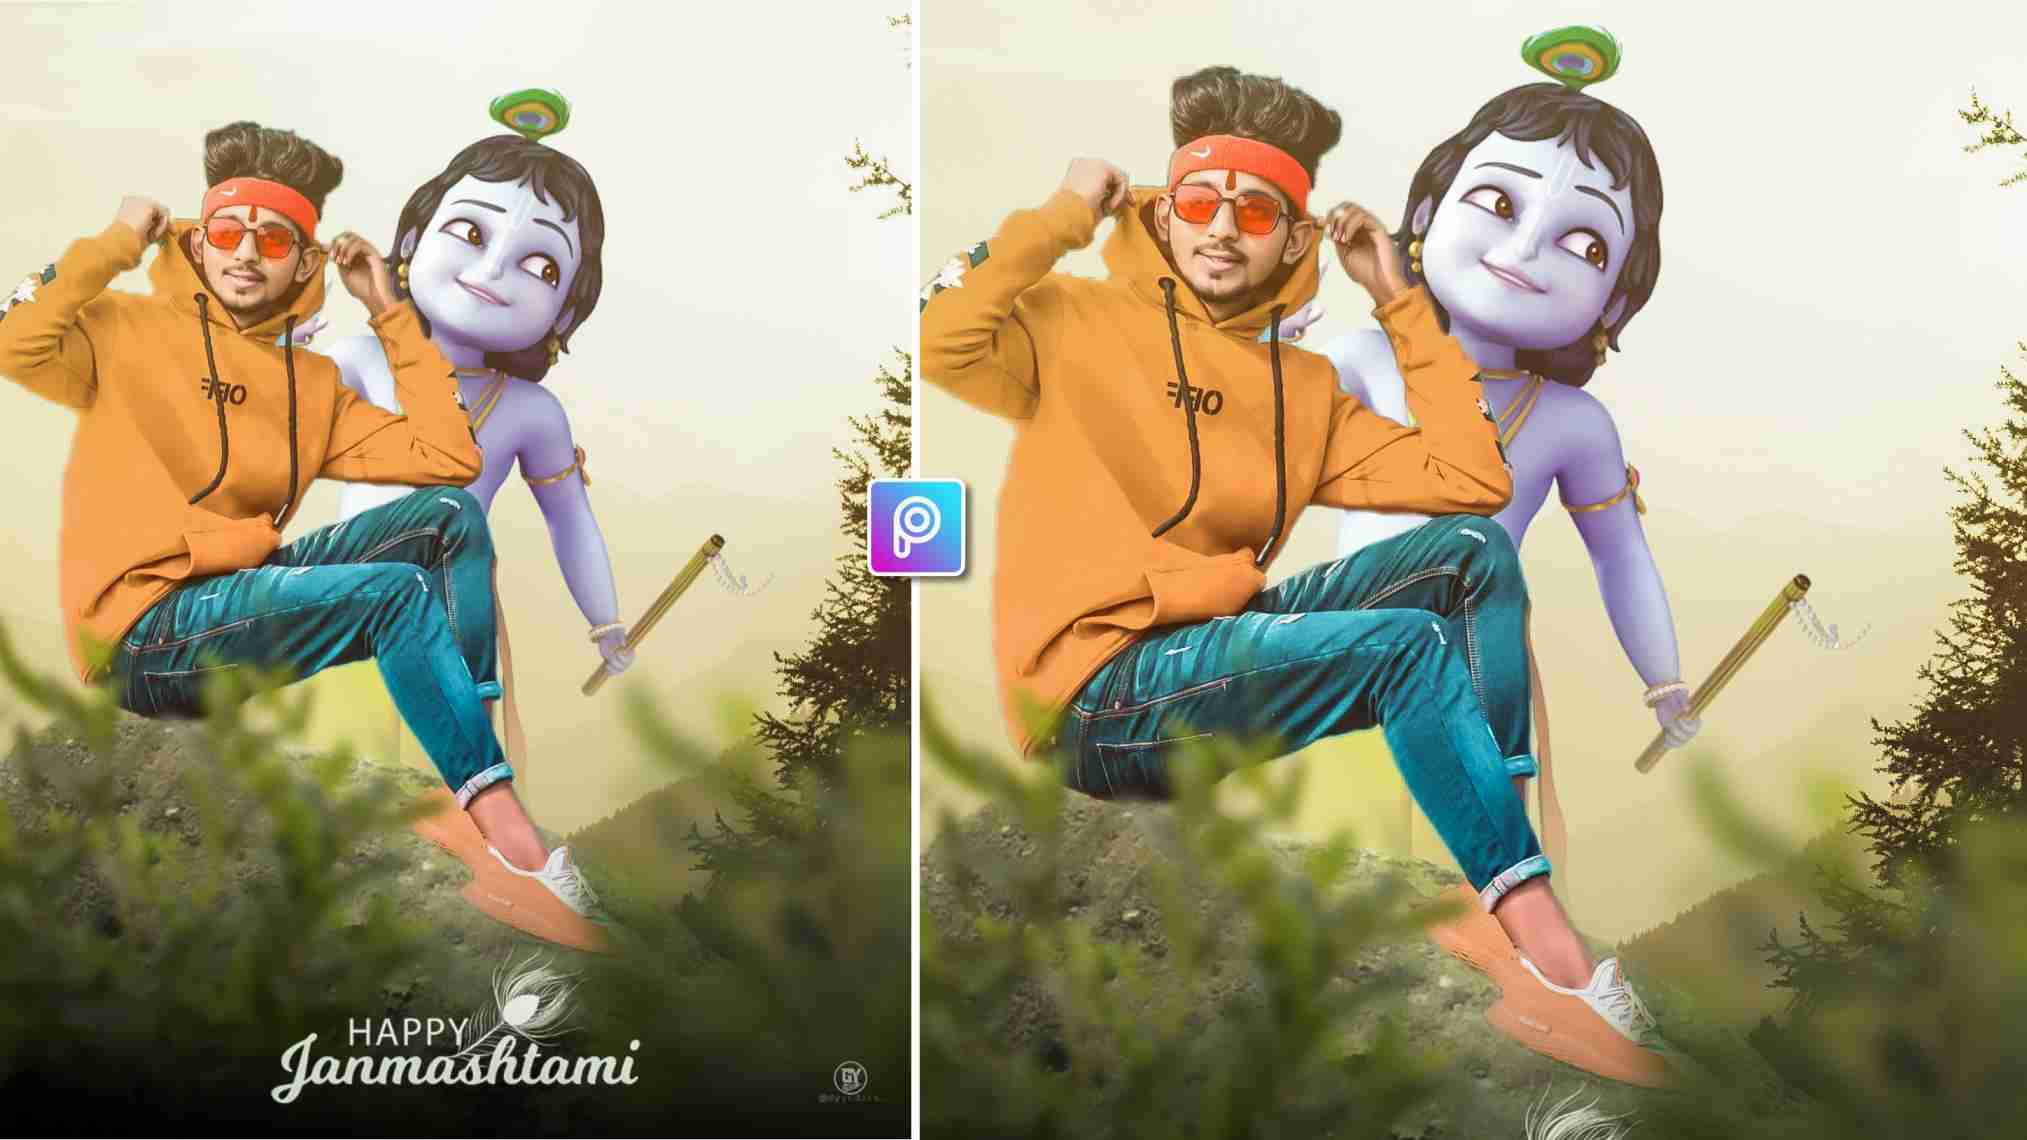 Krishna Janmashtami Photo Editing